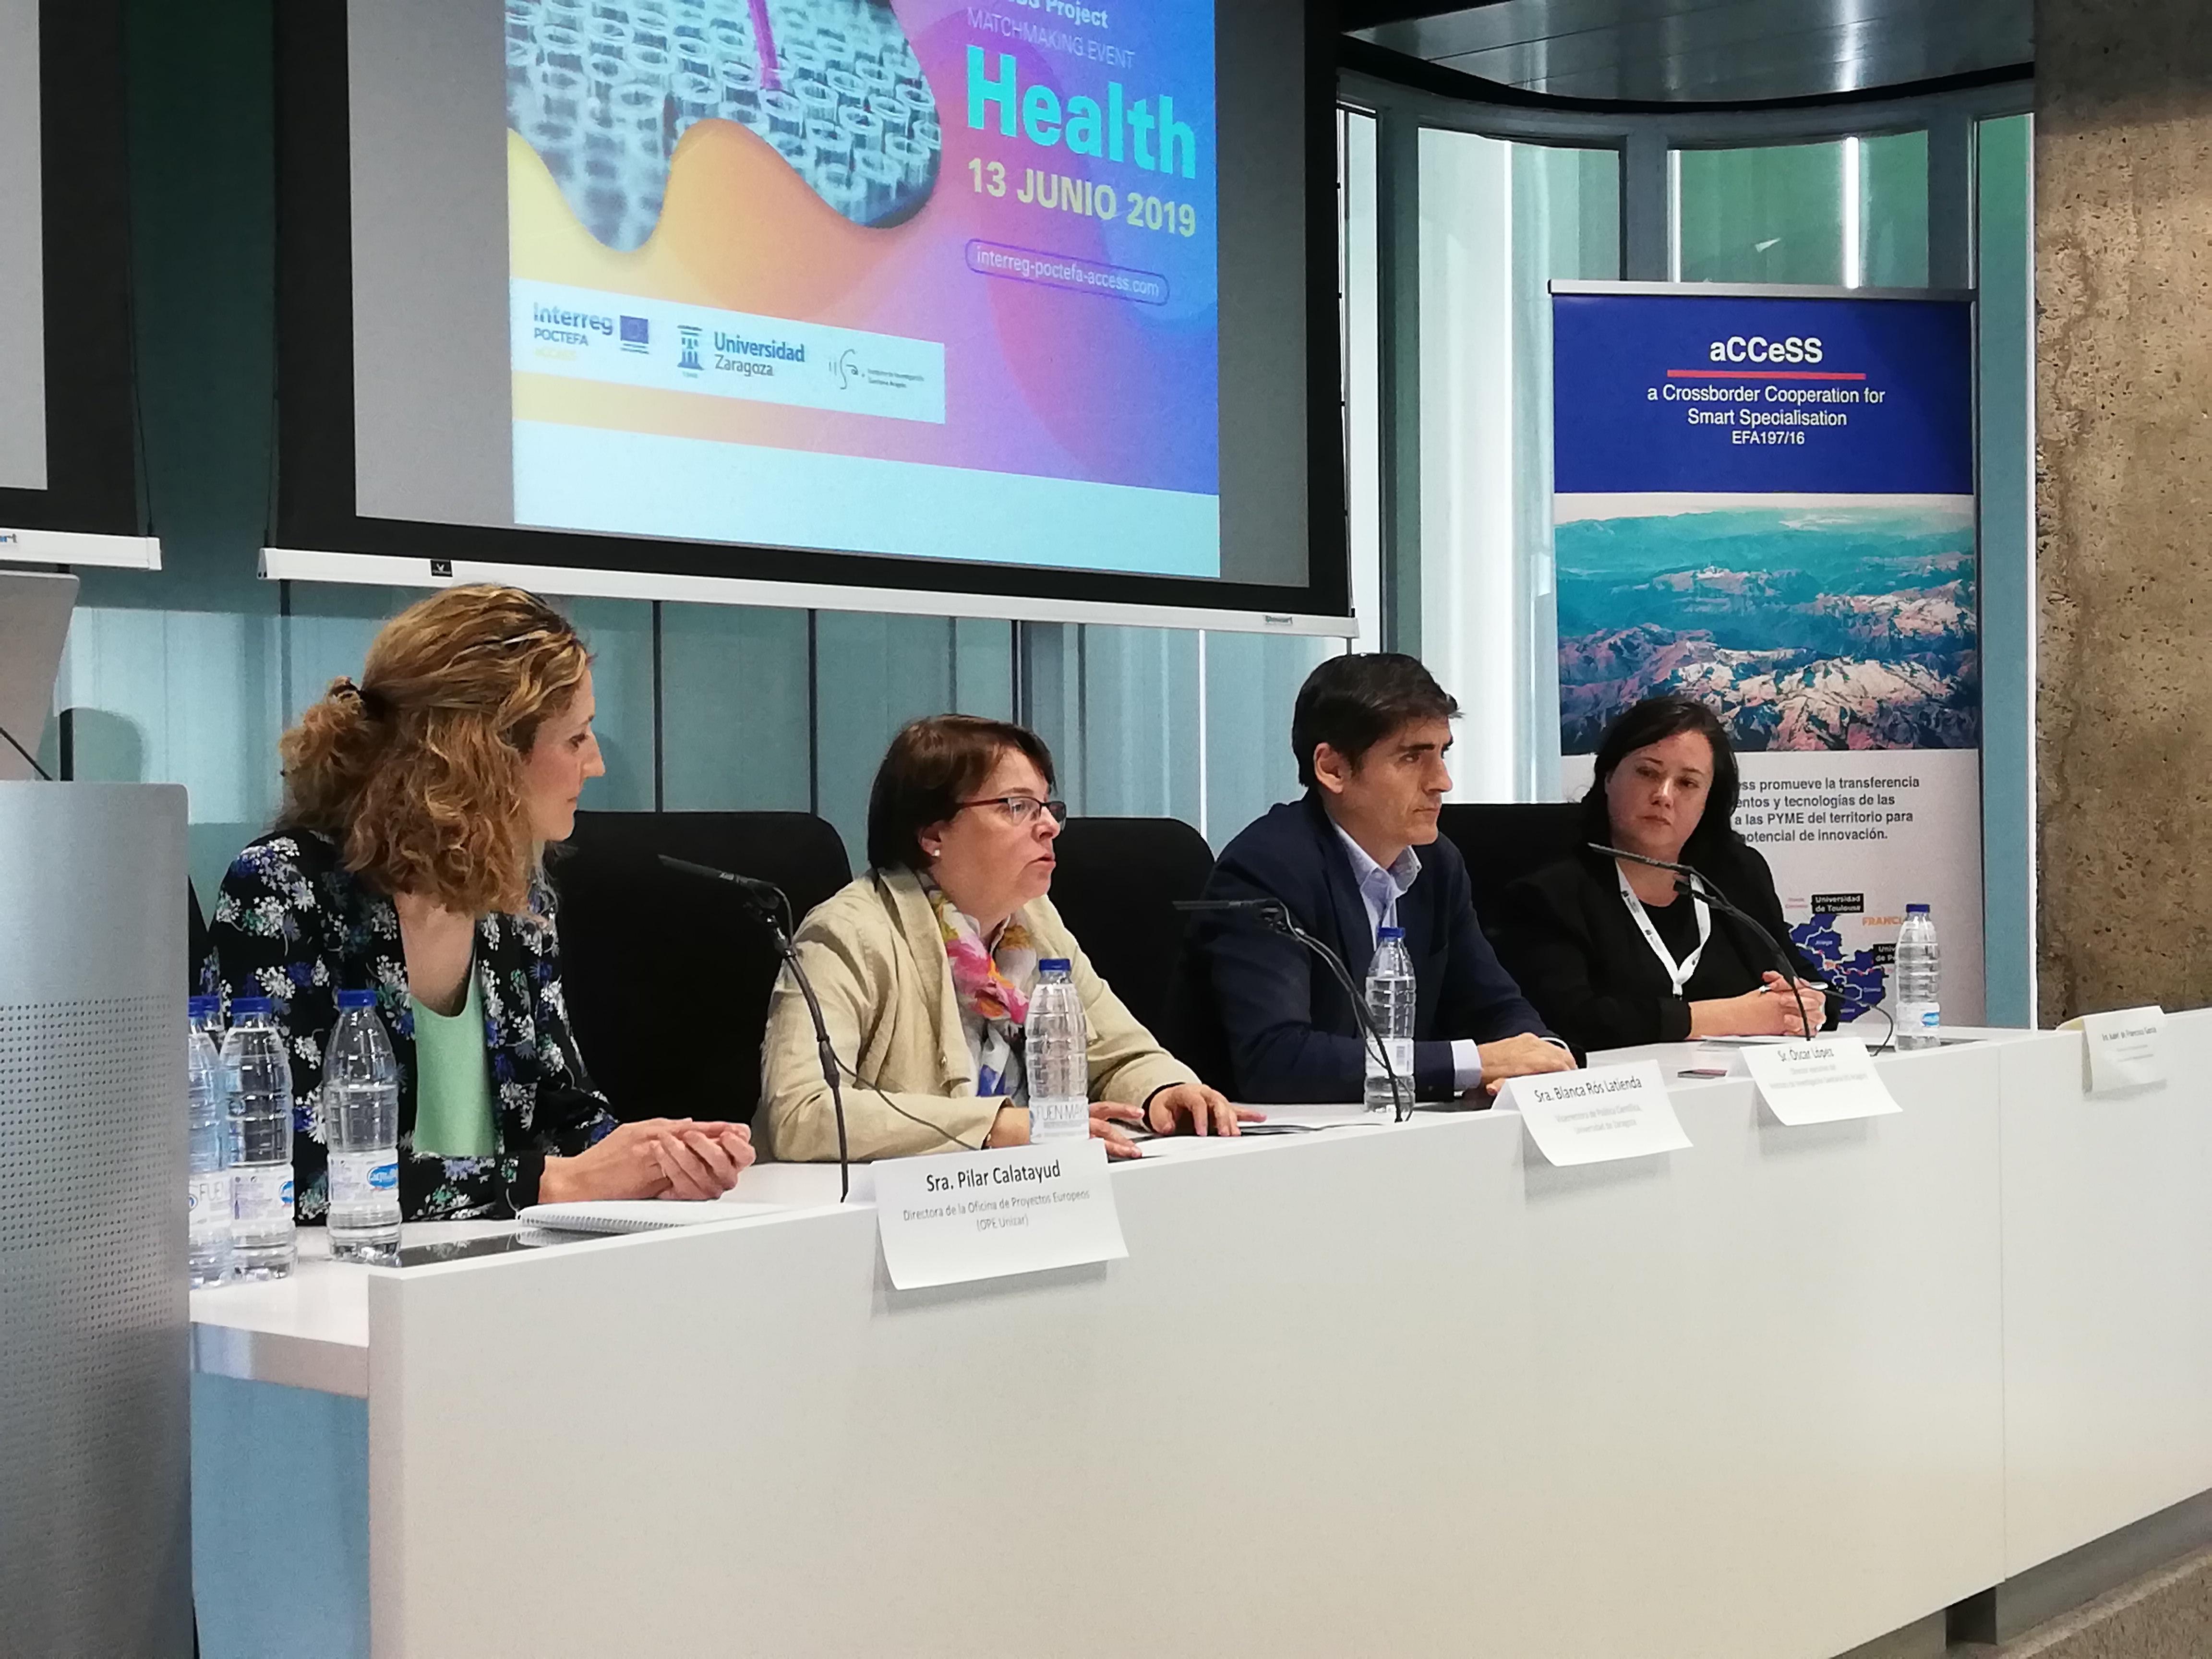 La Universidad de Zaragoza promueve una investigación más competitiva en el ámbito de la Salud para sacar músculo en Europa